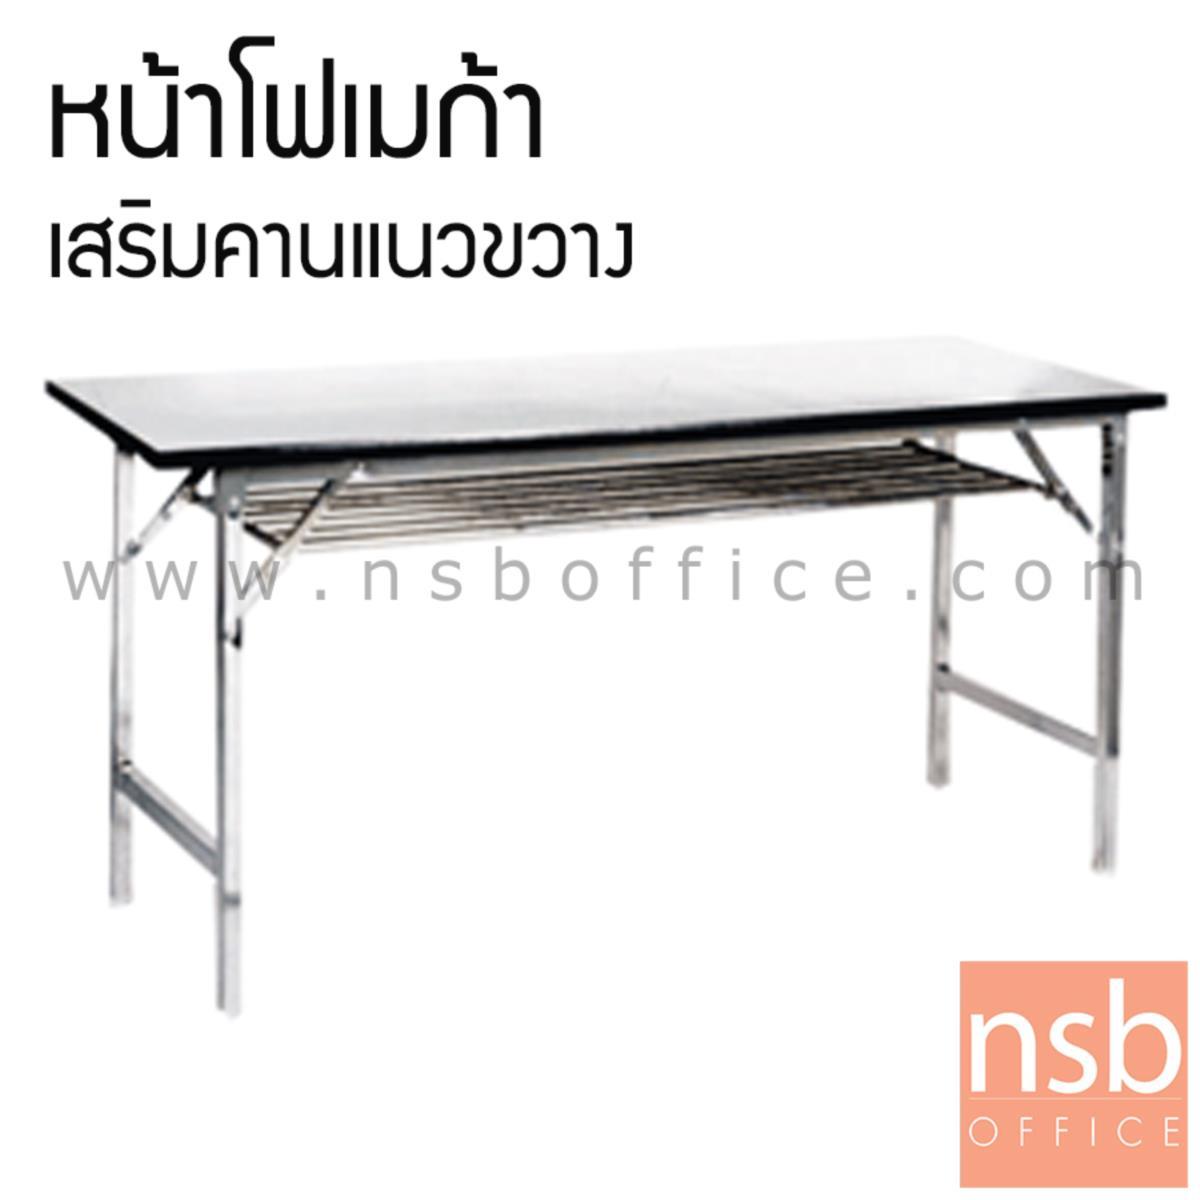 A07A014:โต๊ะพับหน้าโฟเมก้า มีตะแกรงวางของ   (พิเศษ เสริมคานแนวขวาง)